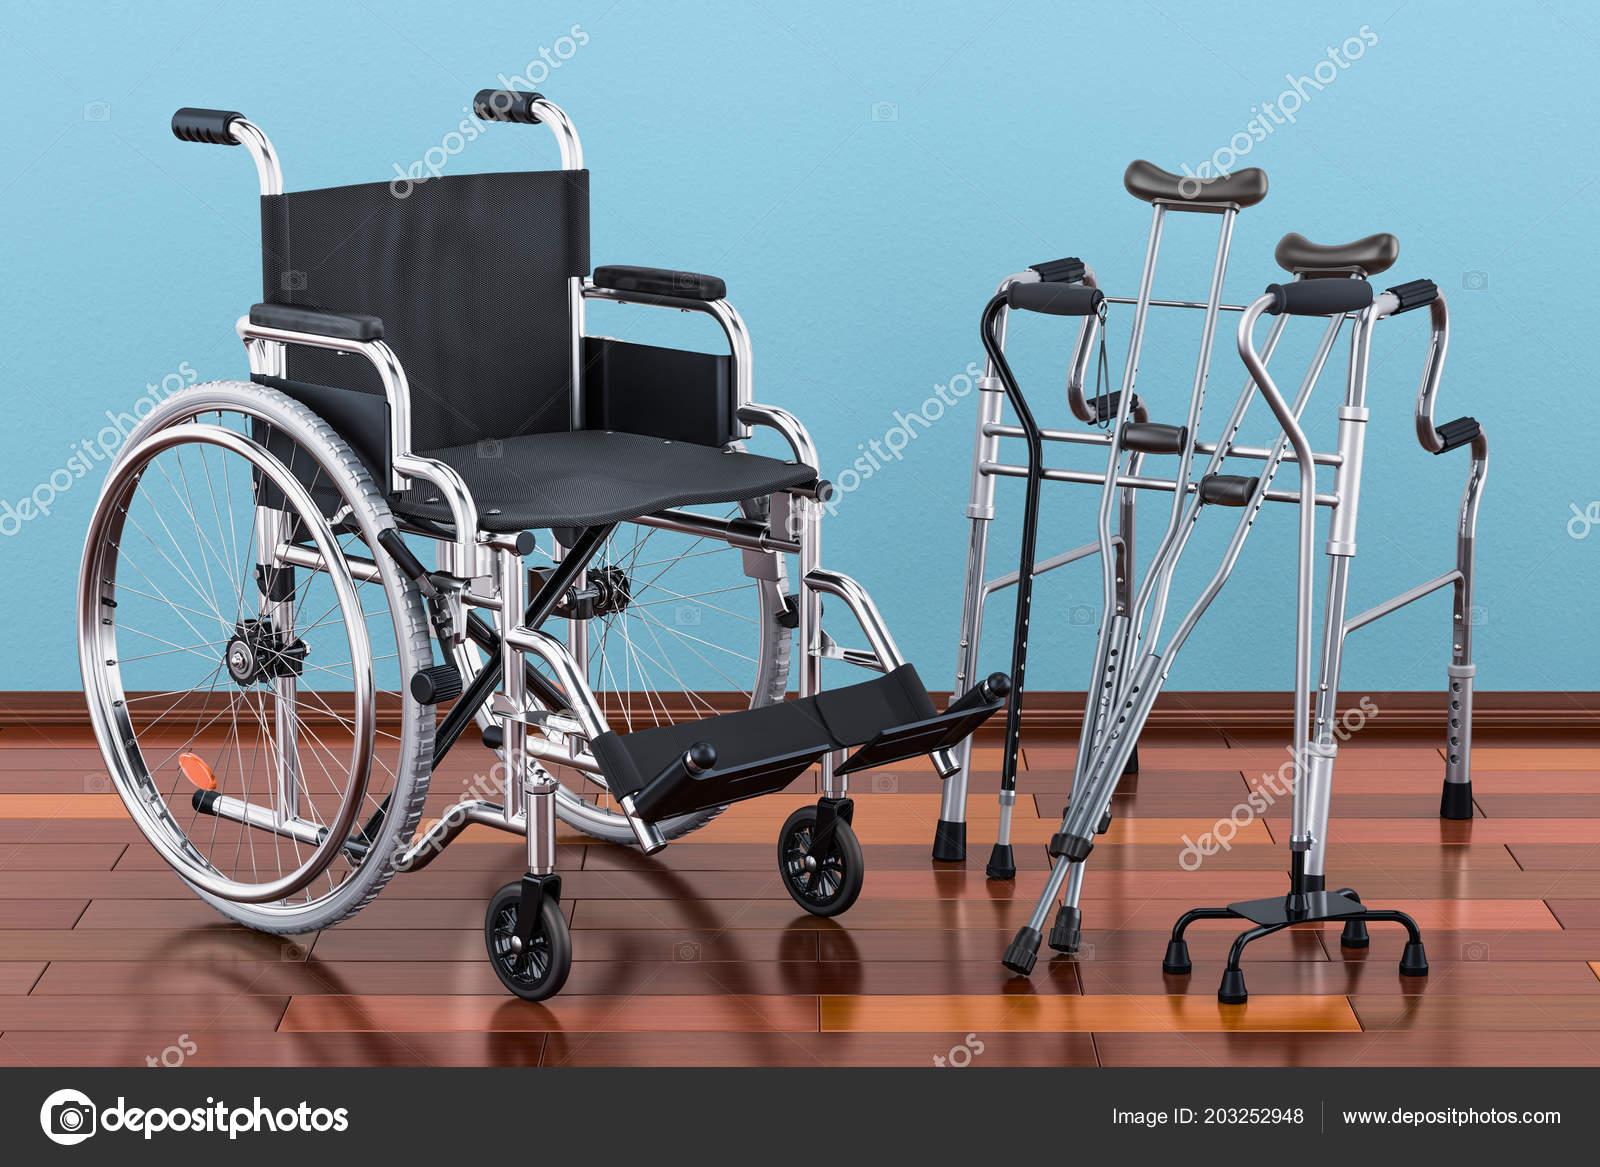 инвалидной коляске ходьба рама костыли деревянный пол